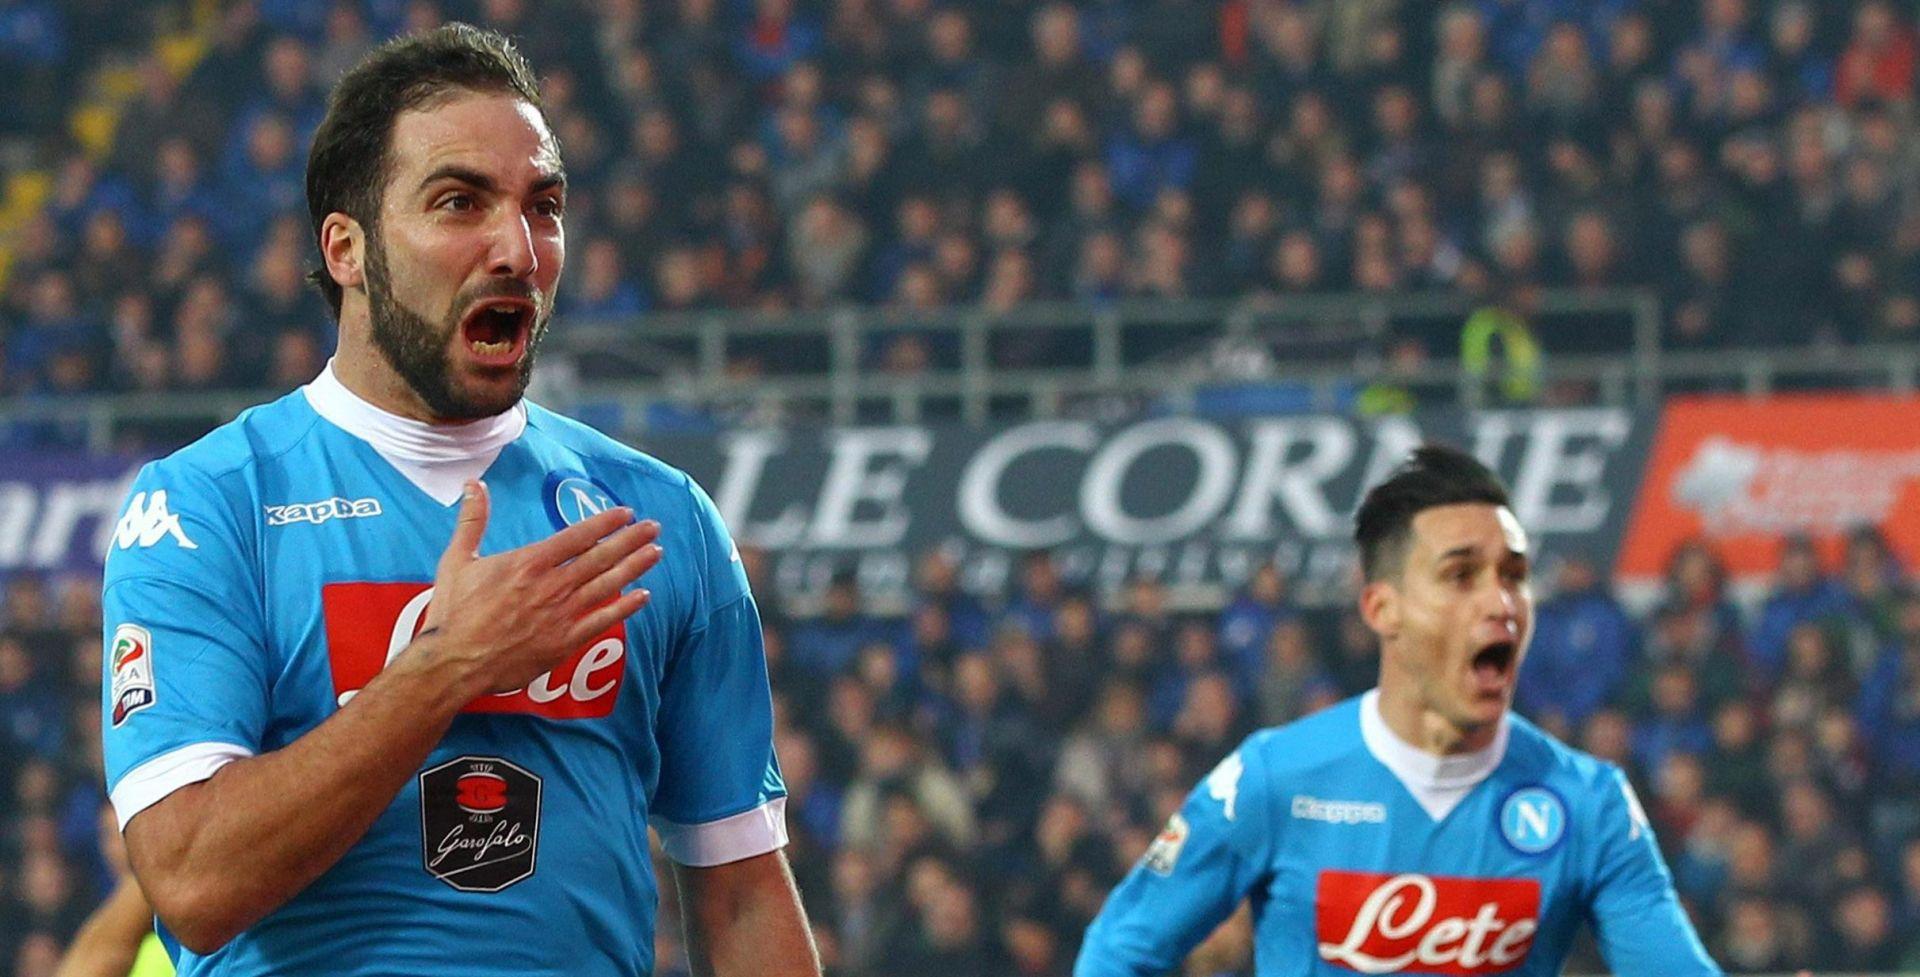 'UVREDLJIVI KOMENTARI' Trener Napolija kažnjen s dvije utakmice suspenzije